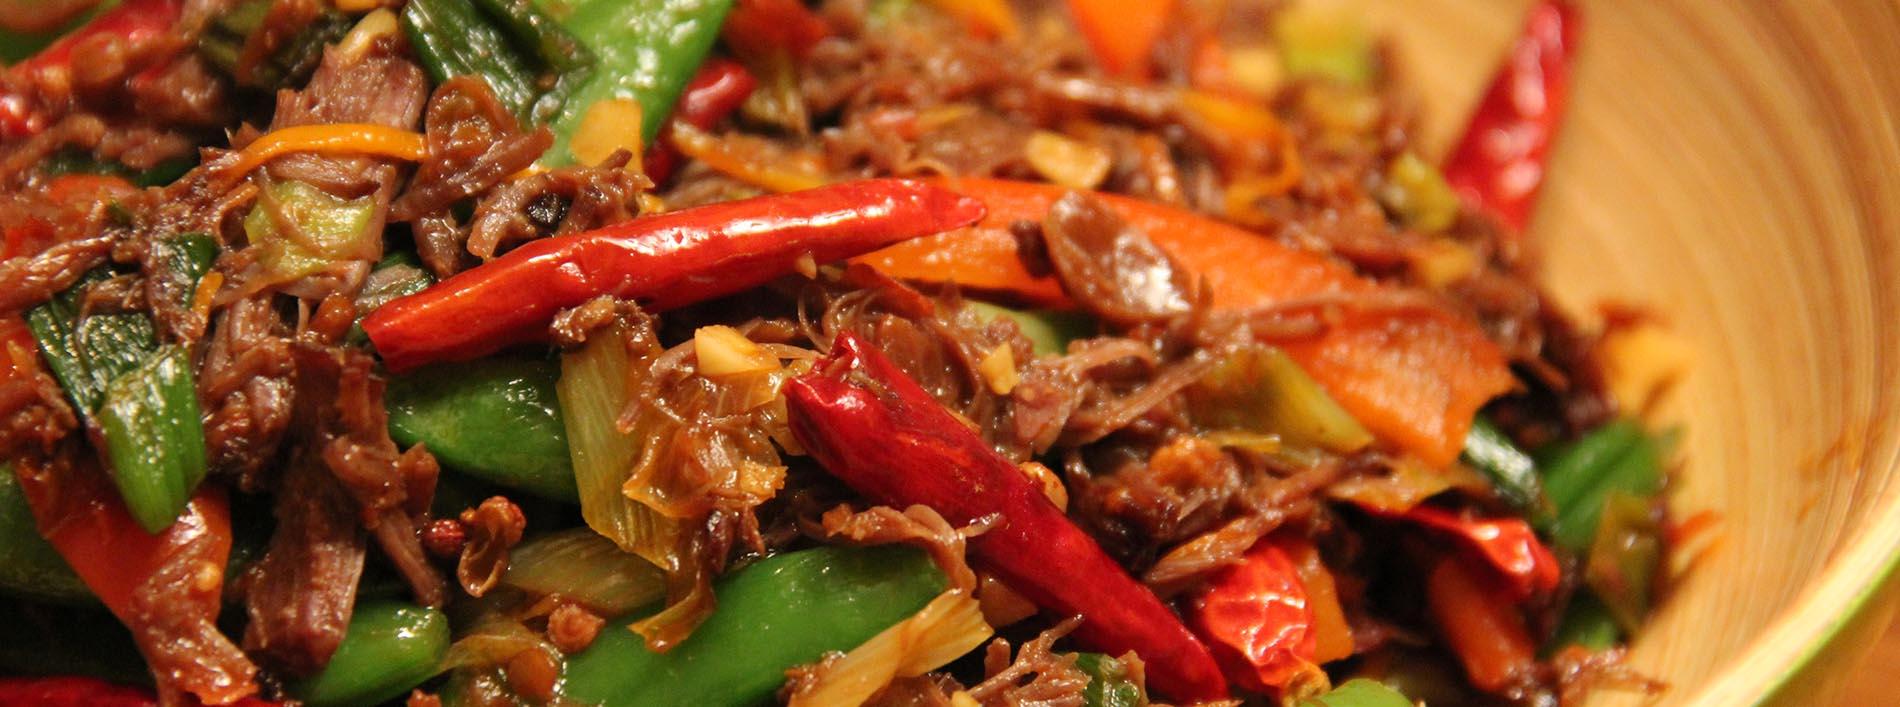 Asian Food Ballina